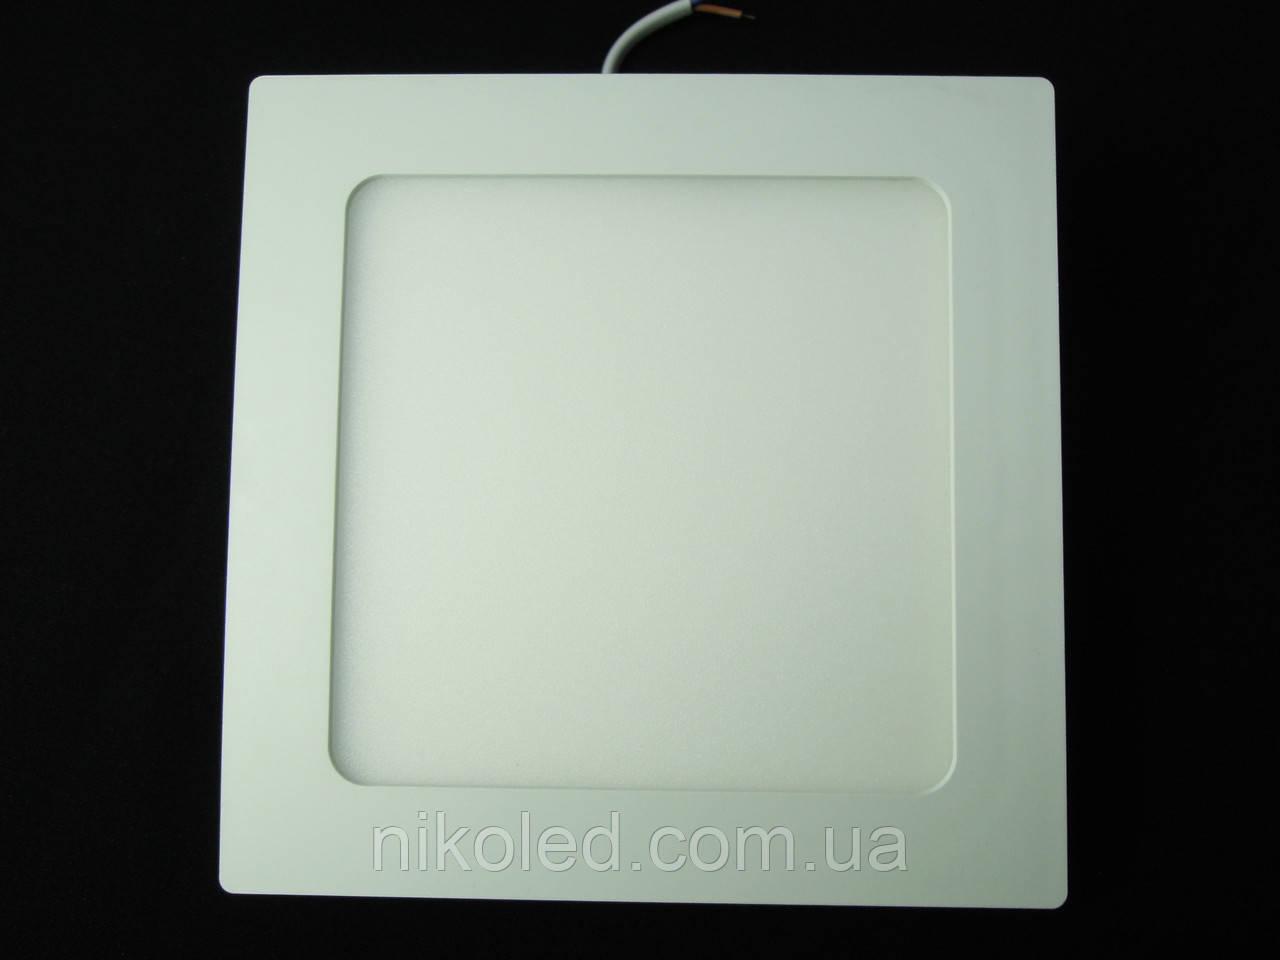 Светильник точечный Slim LED 12W квадрат